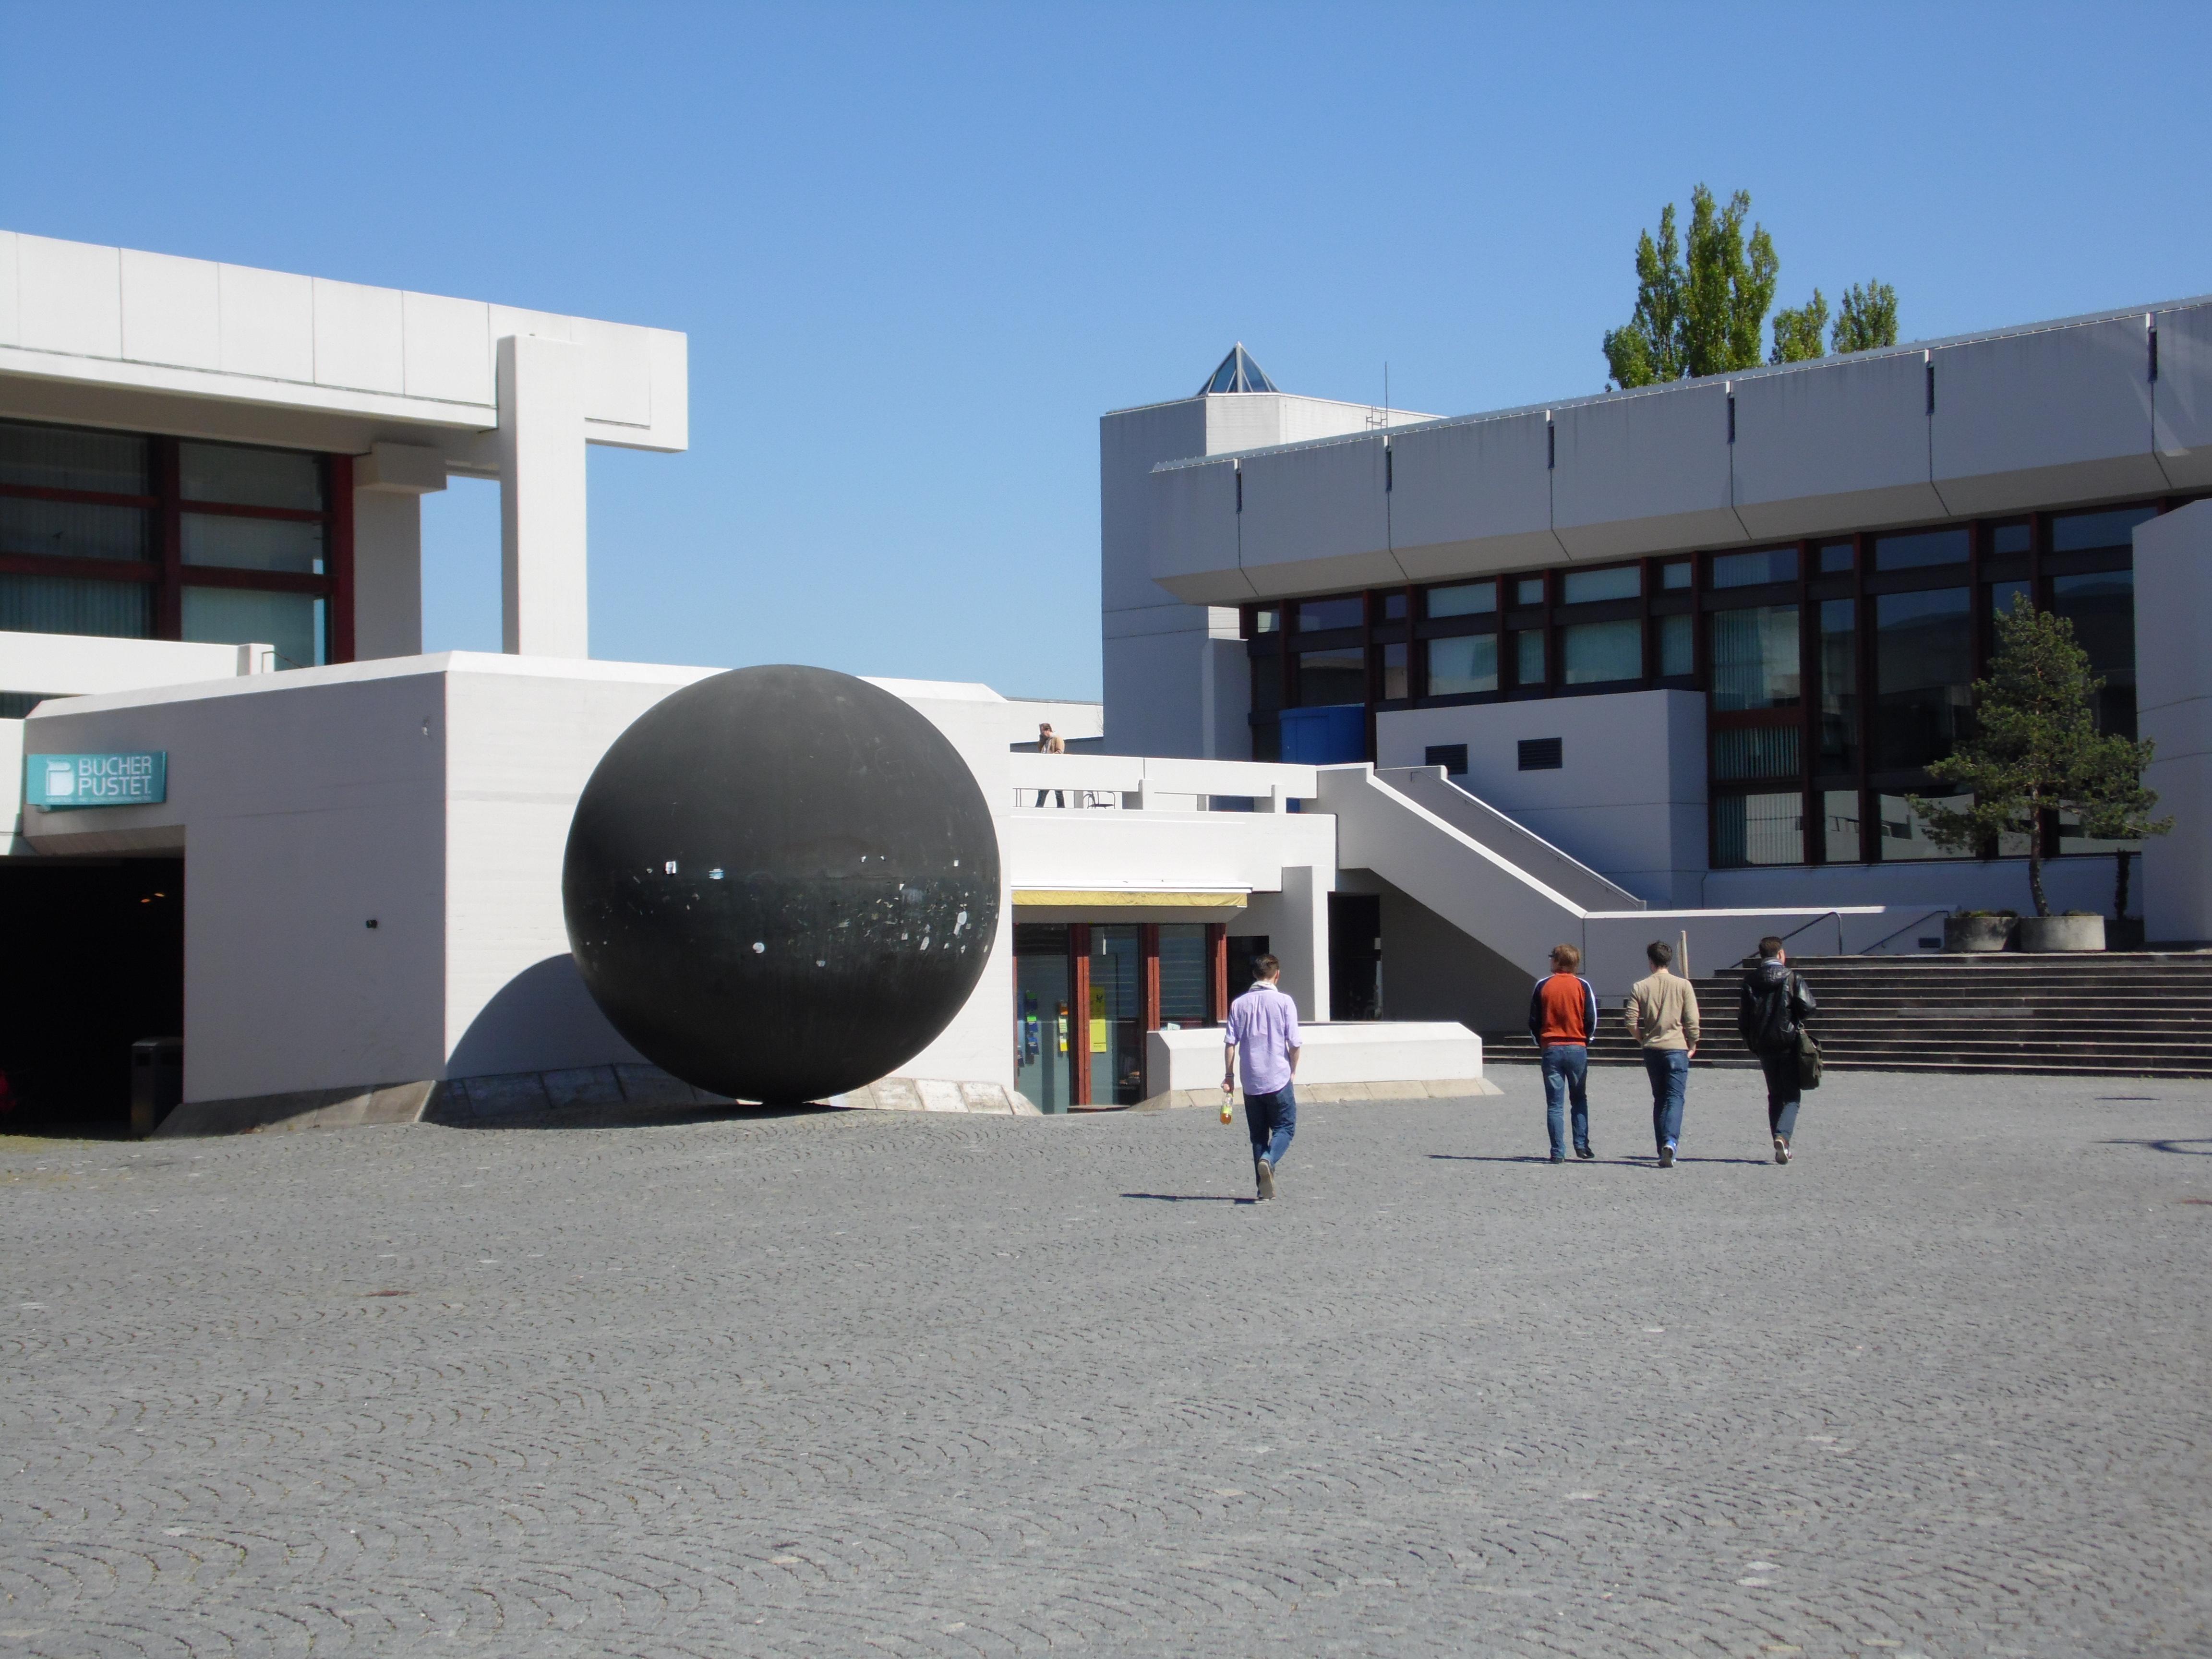 Architektur burkhard von grafenstein for Uni architektur